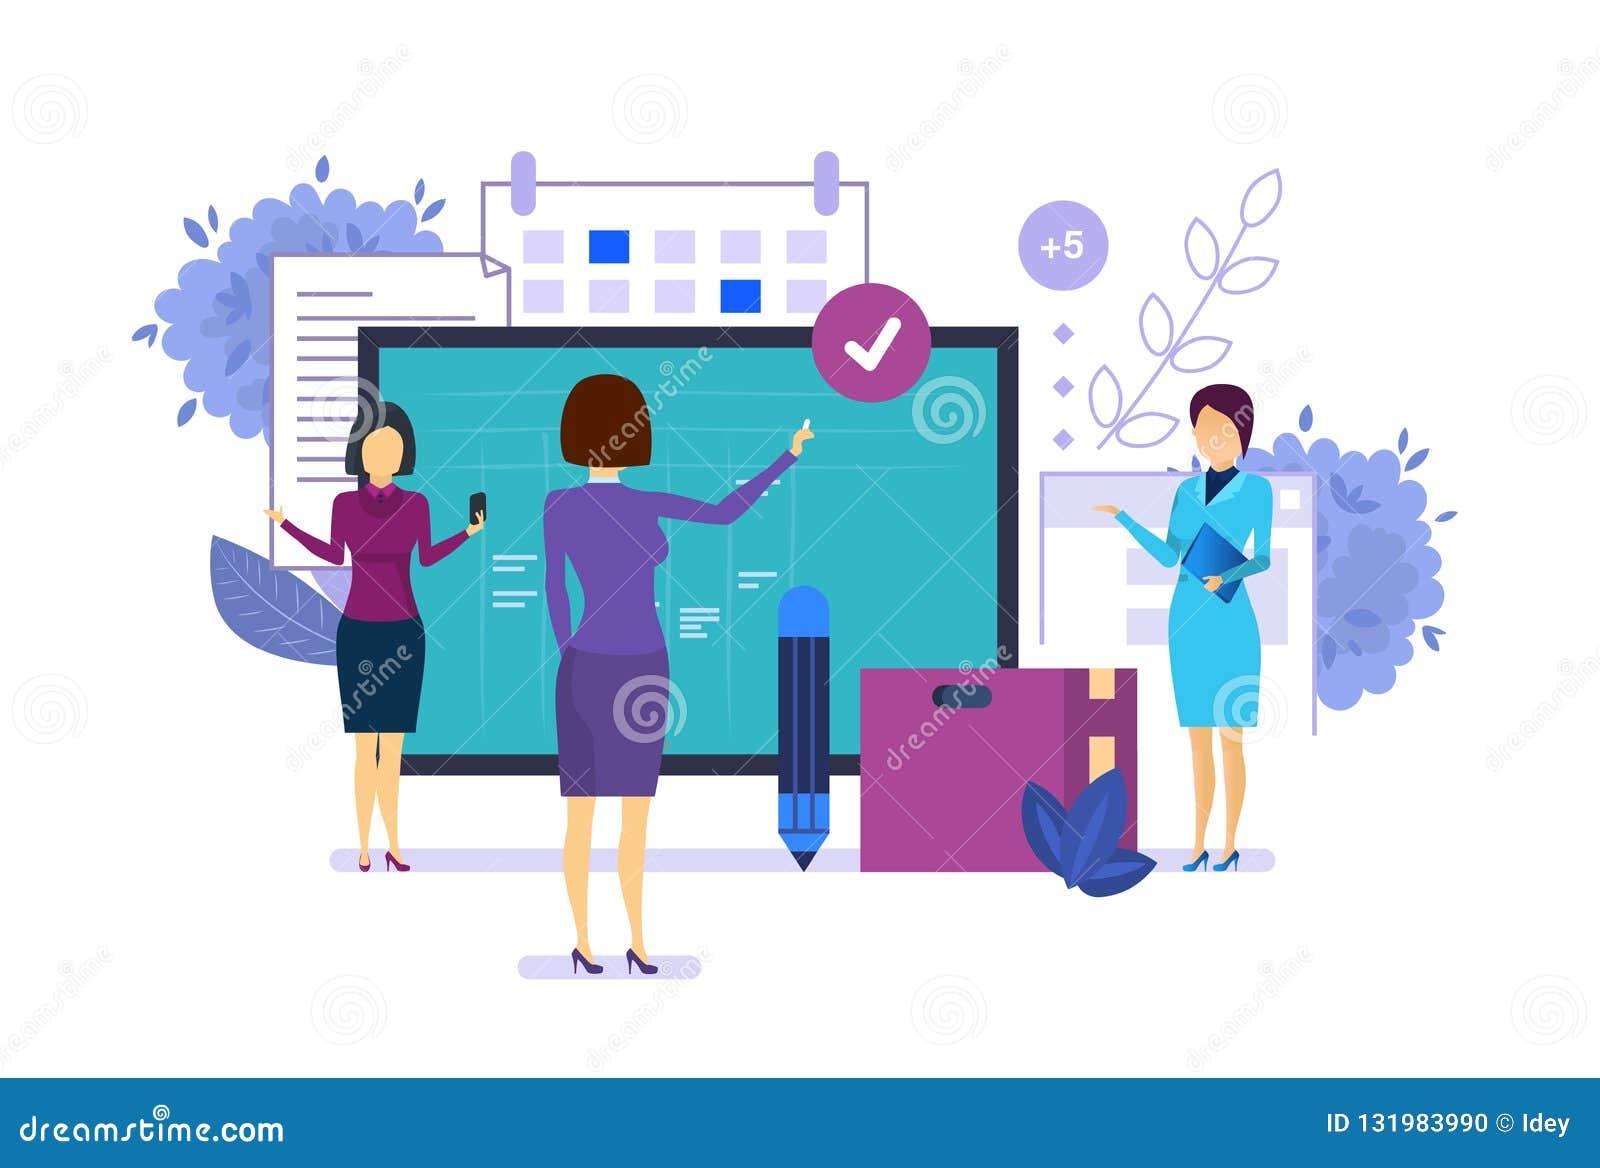 Планирование бизнеса, организация рабочего временени, руководства проектом, методологии груды